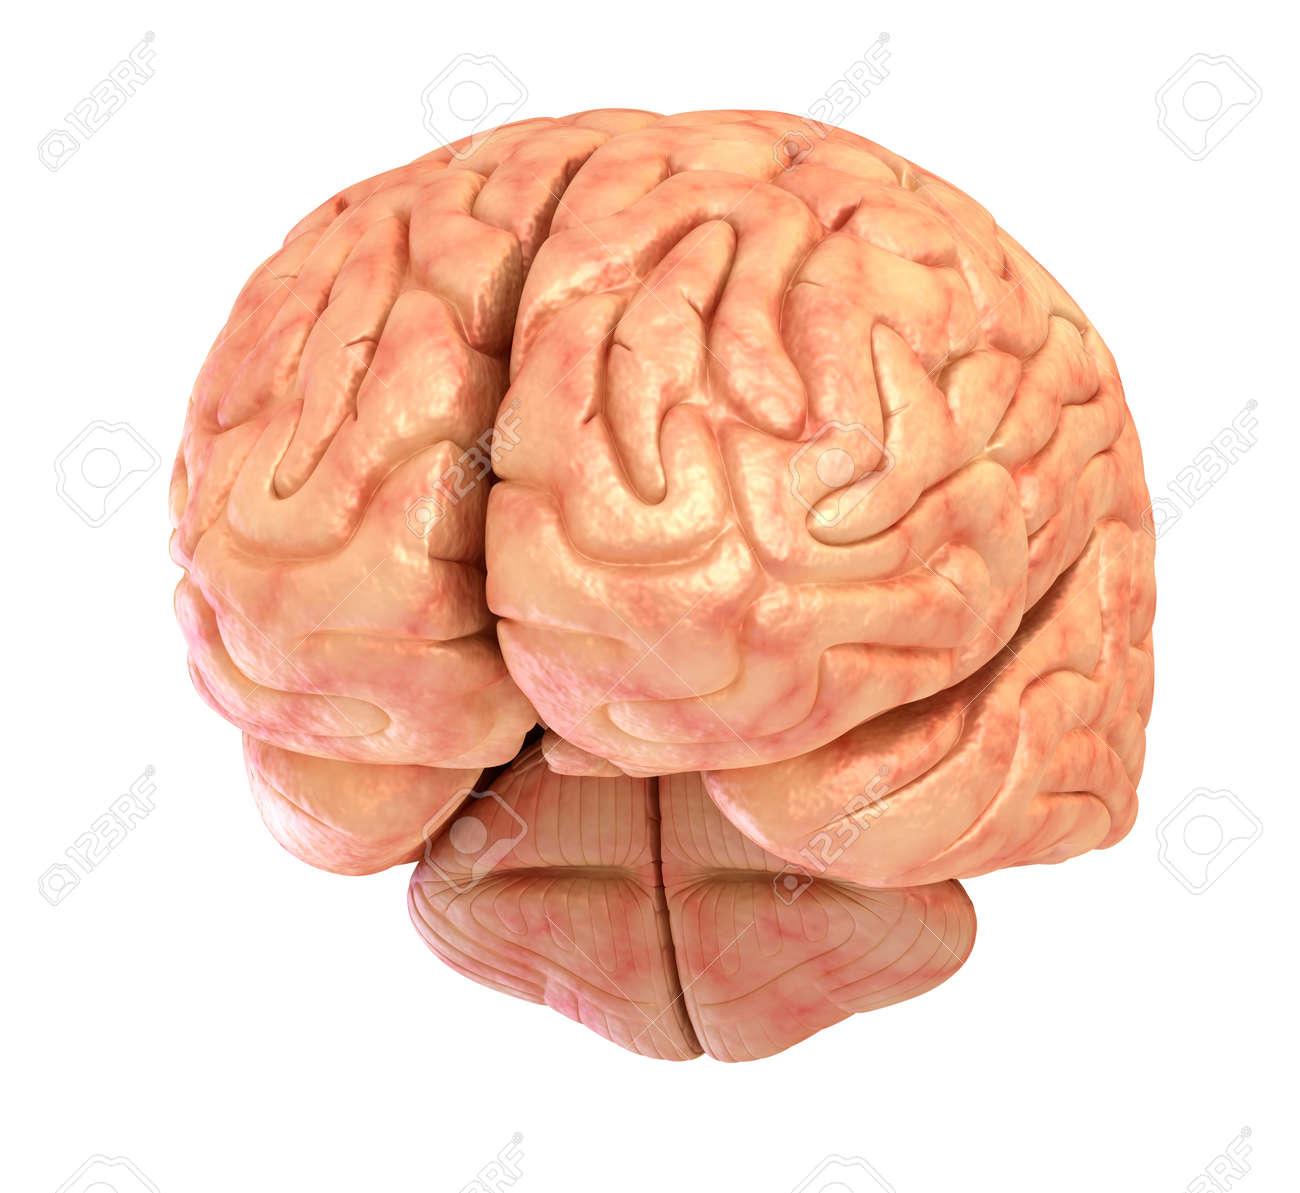 Menschliches Gehirn 3D-Modell, Isoliert Auf Weiß Lizenzfreie Fotos ...